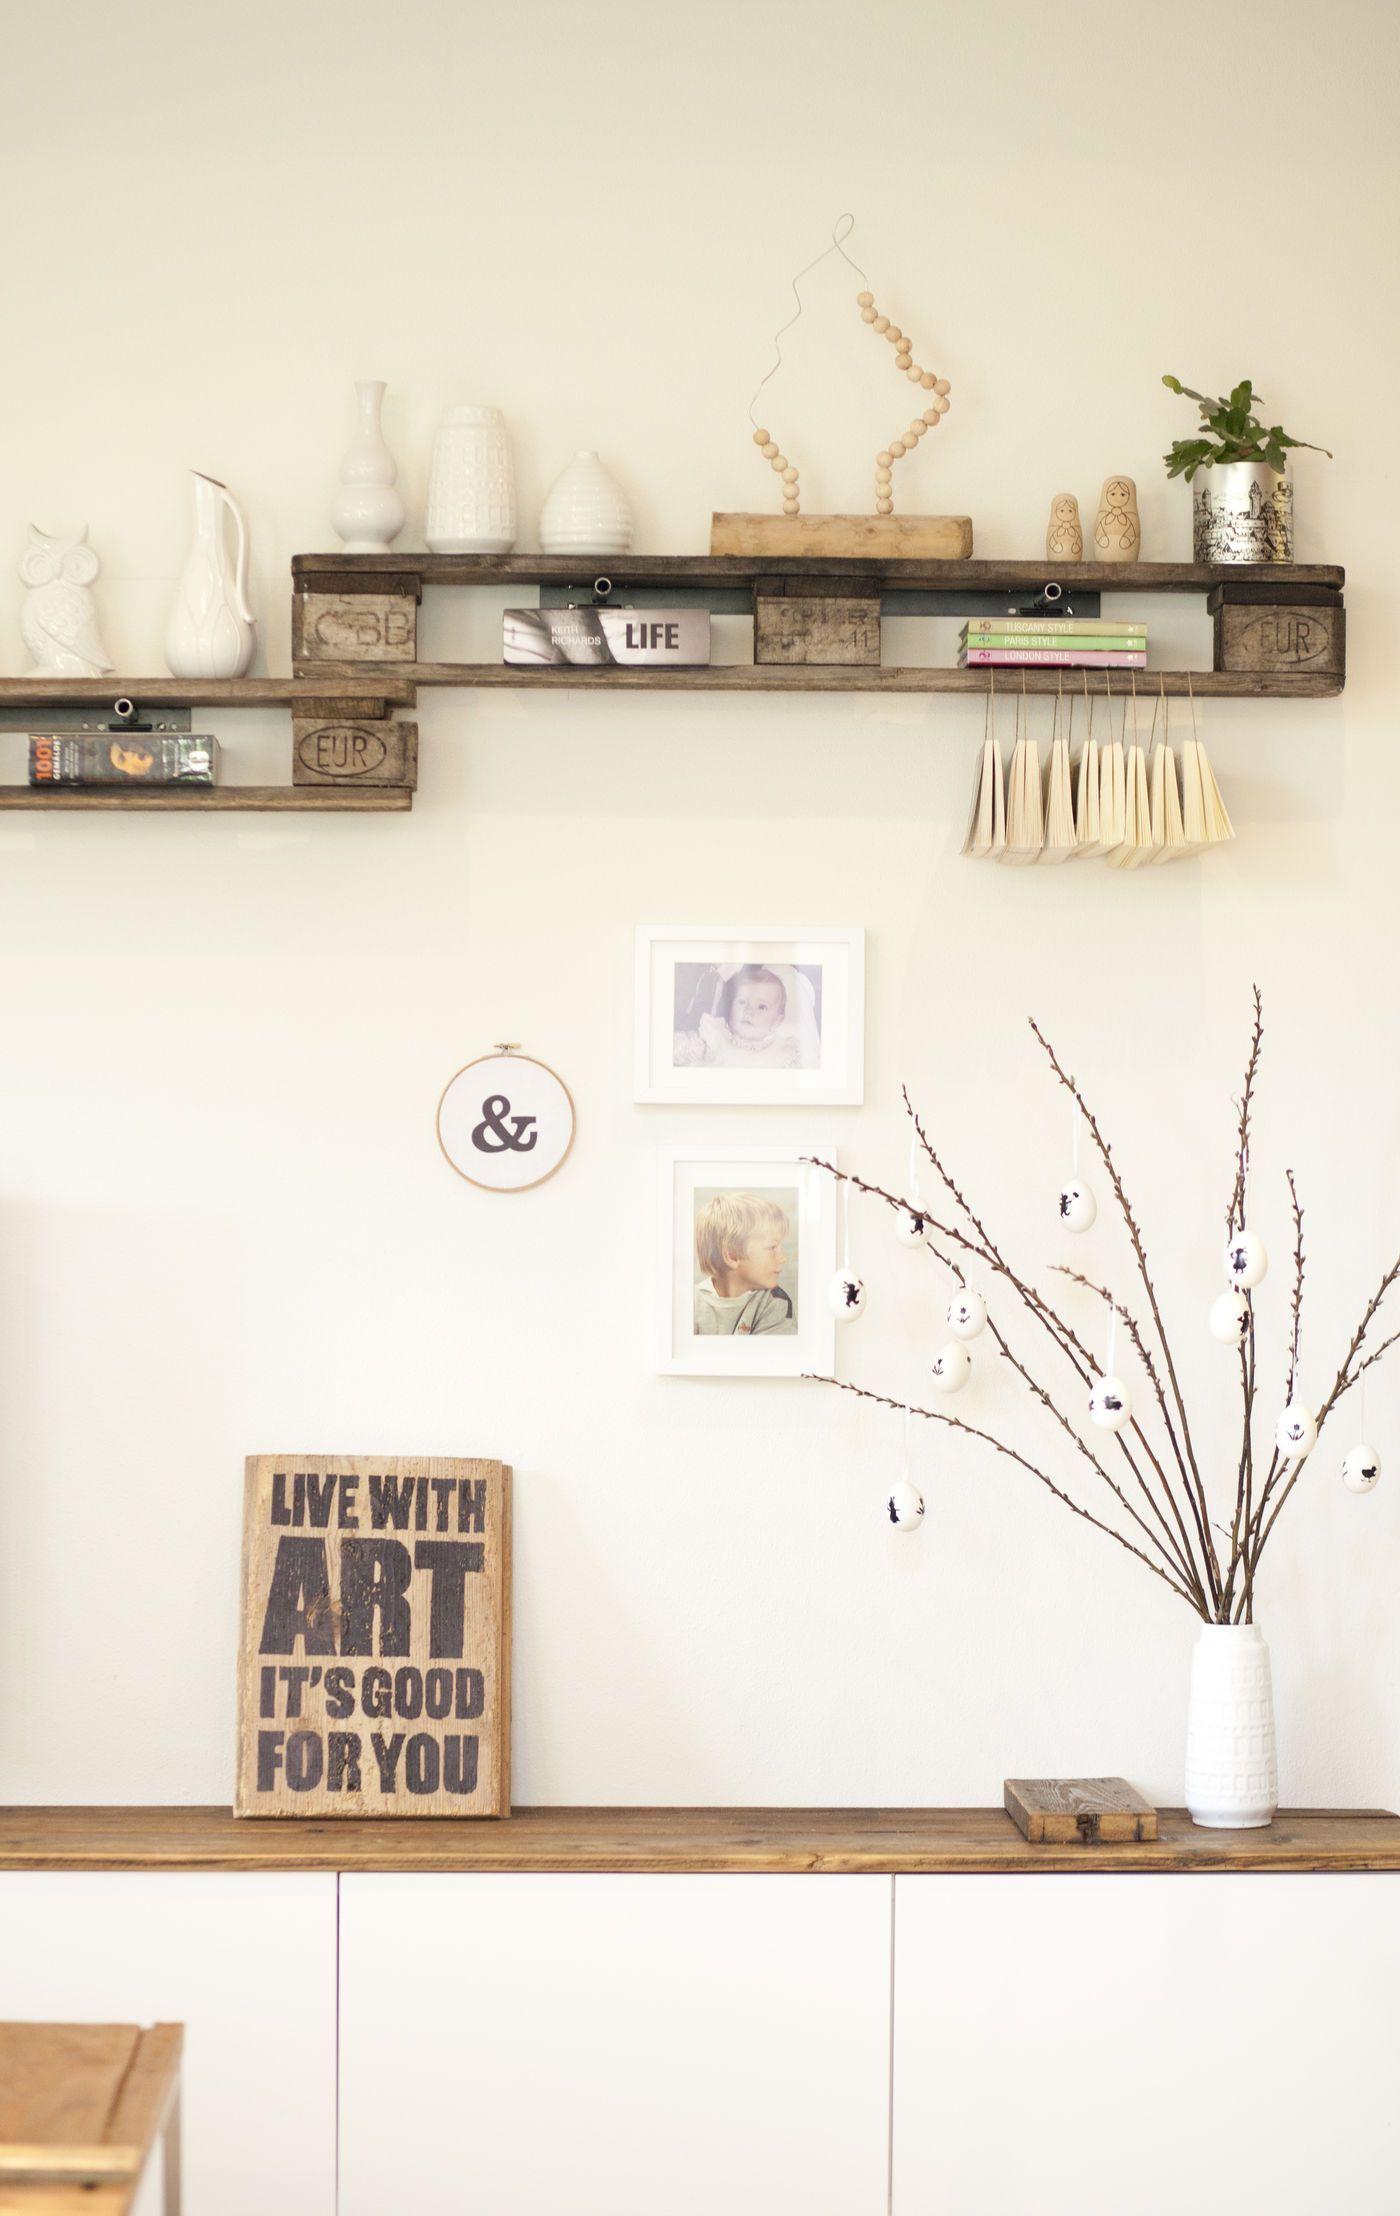 Die Schonsten Ideen Mit Dem Ikea Besta System Regal Aus Paletten